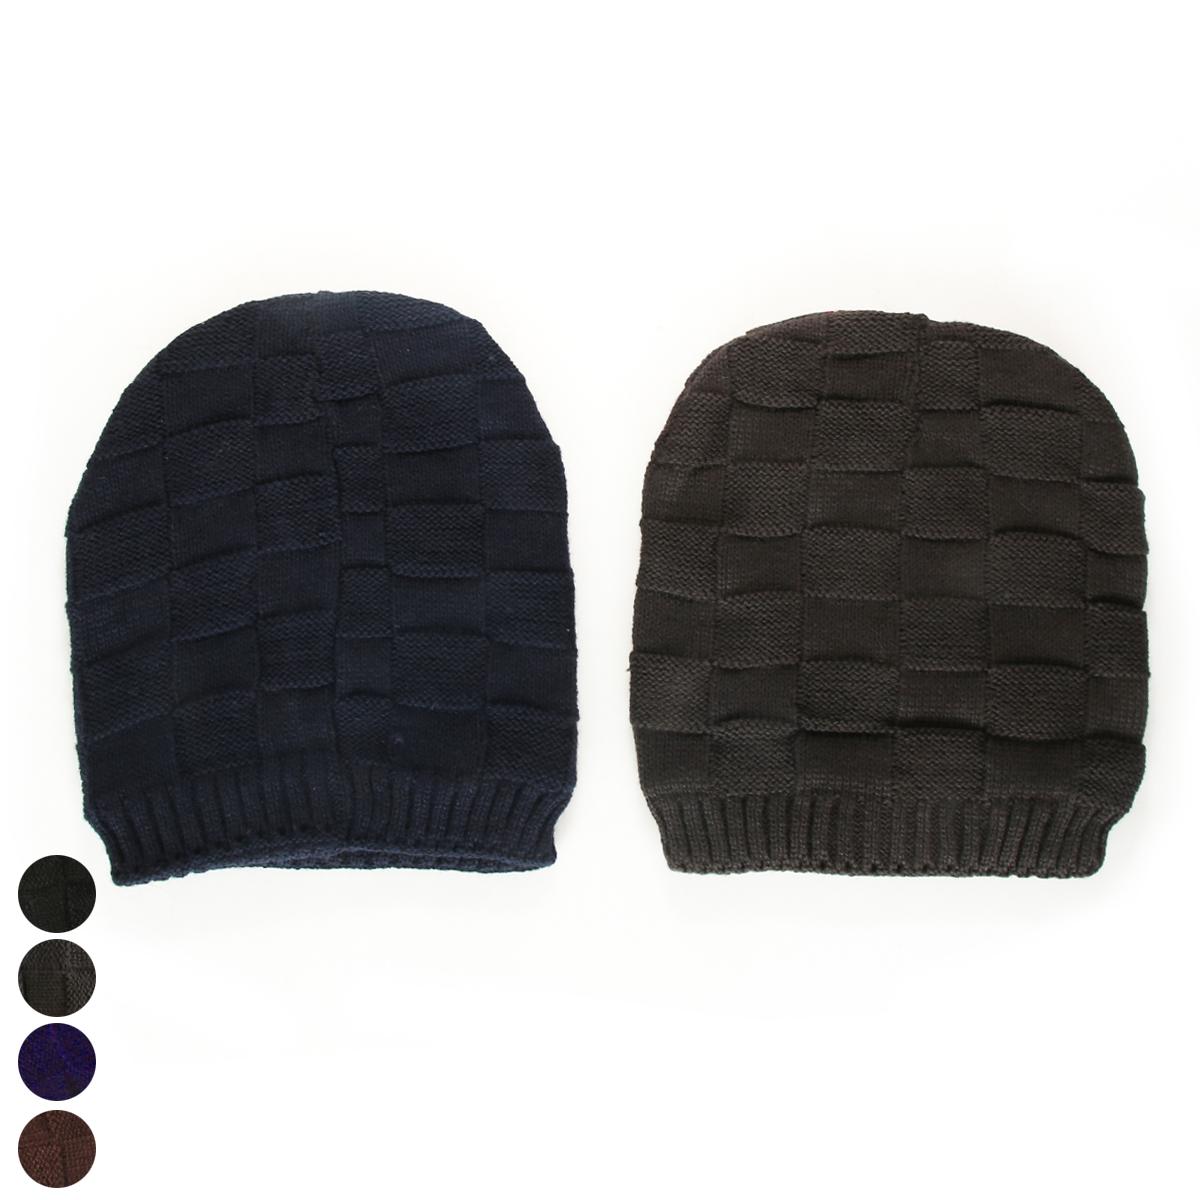 כובע סרוג ריבועים סוליד (גבר)